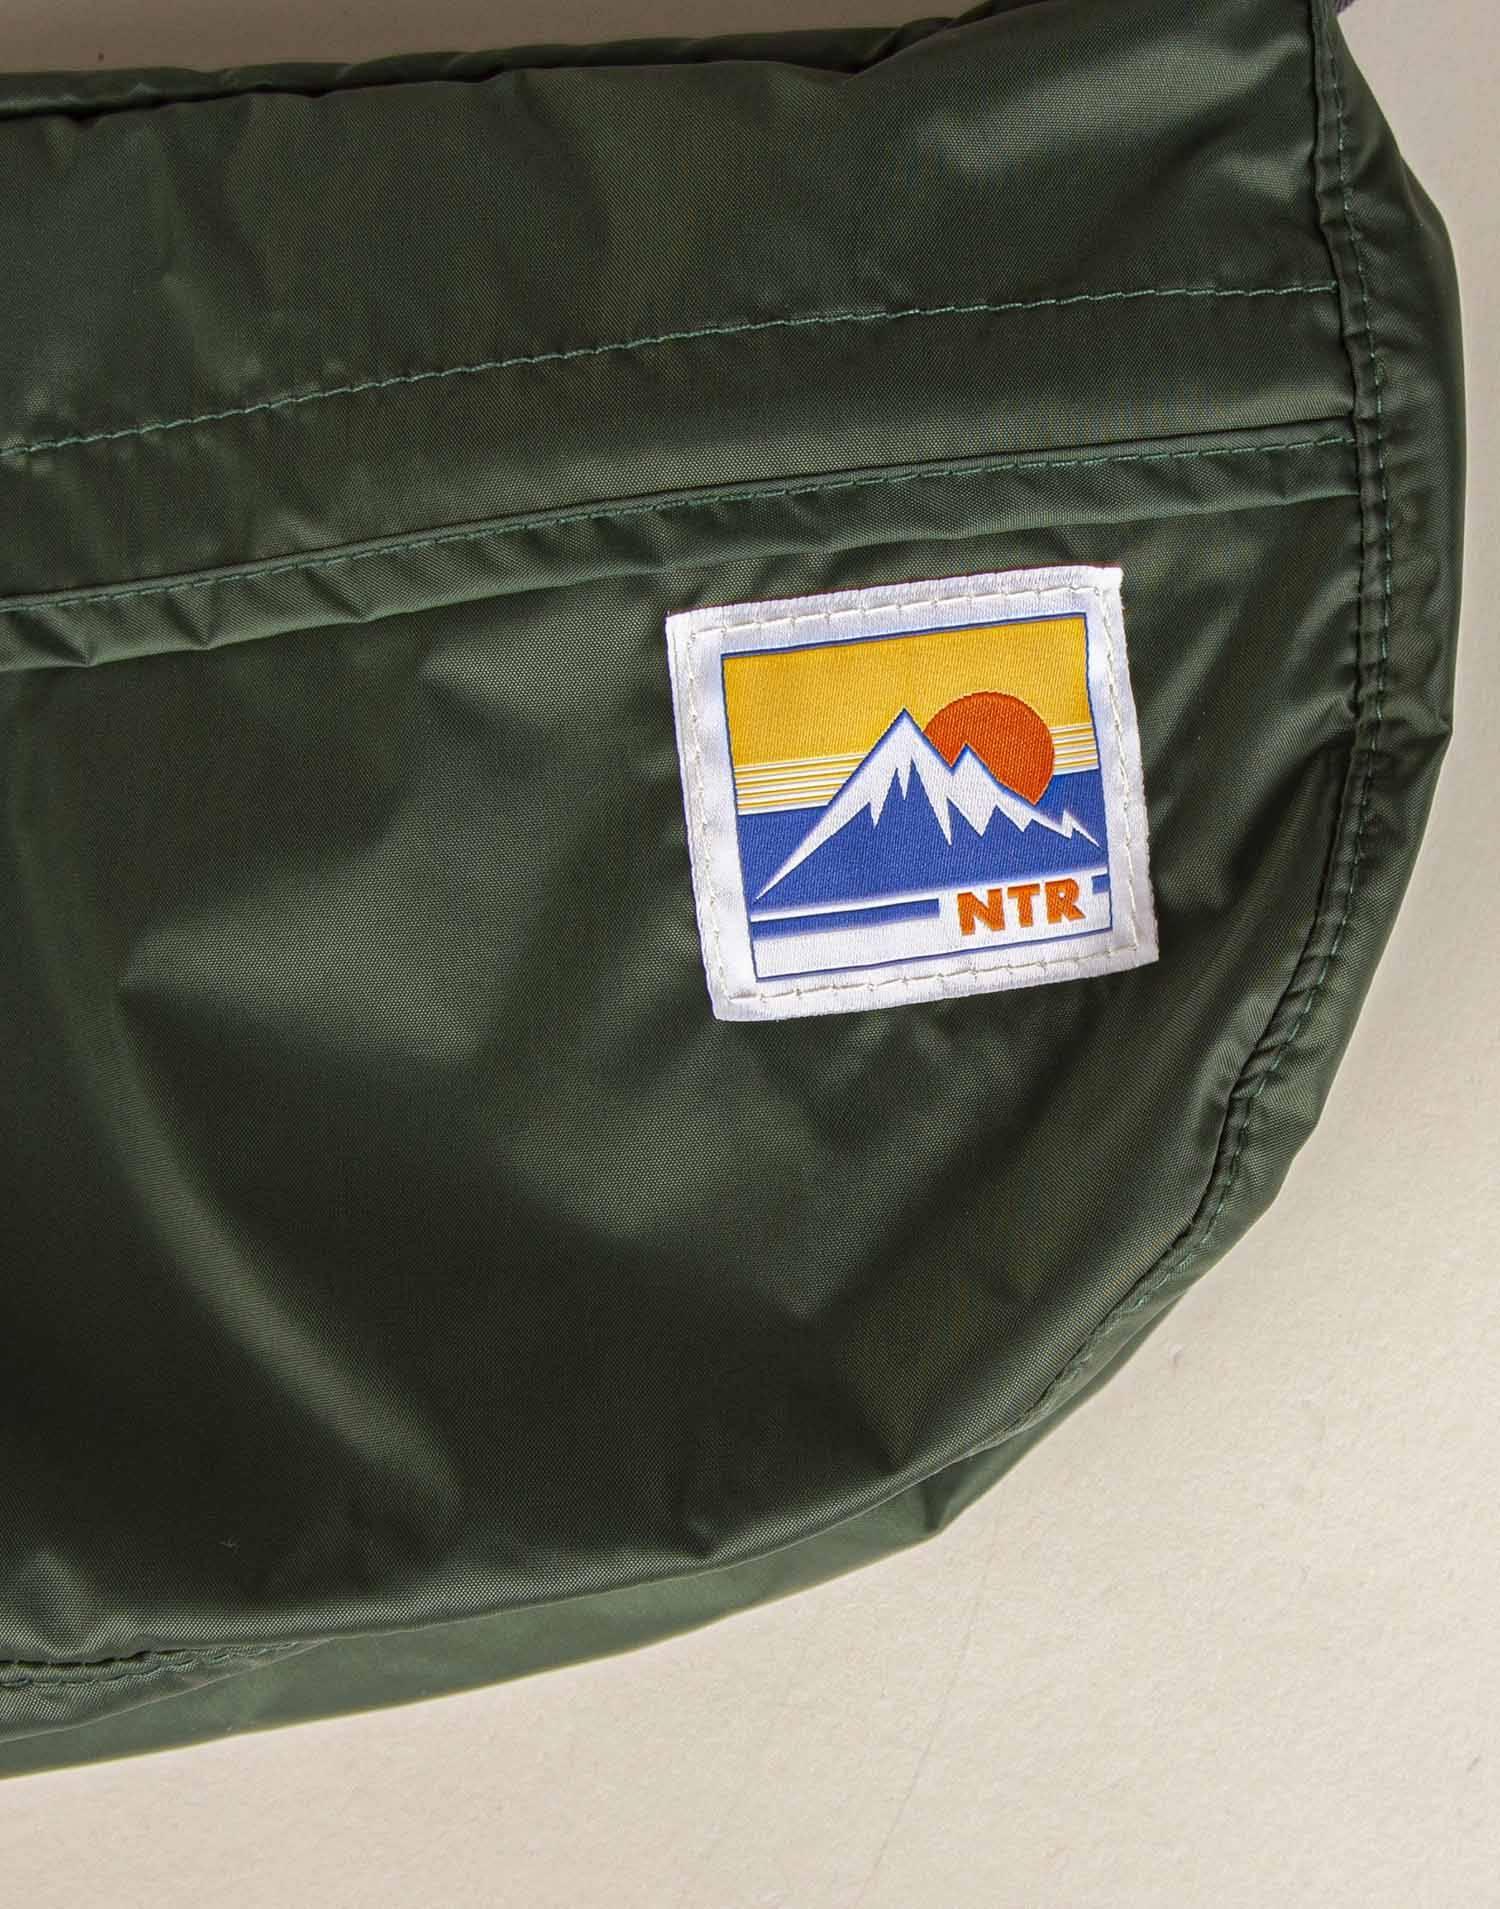 Ntr shoulder bag